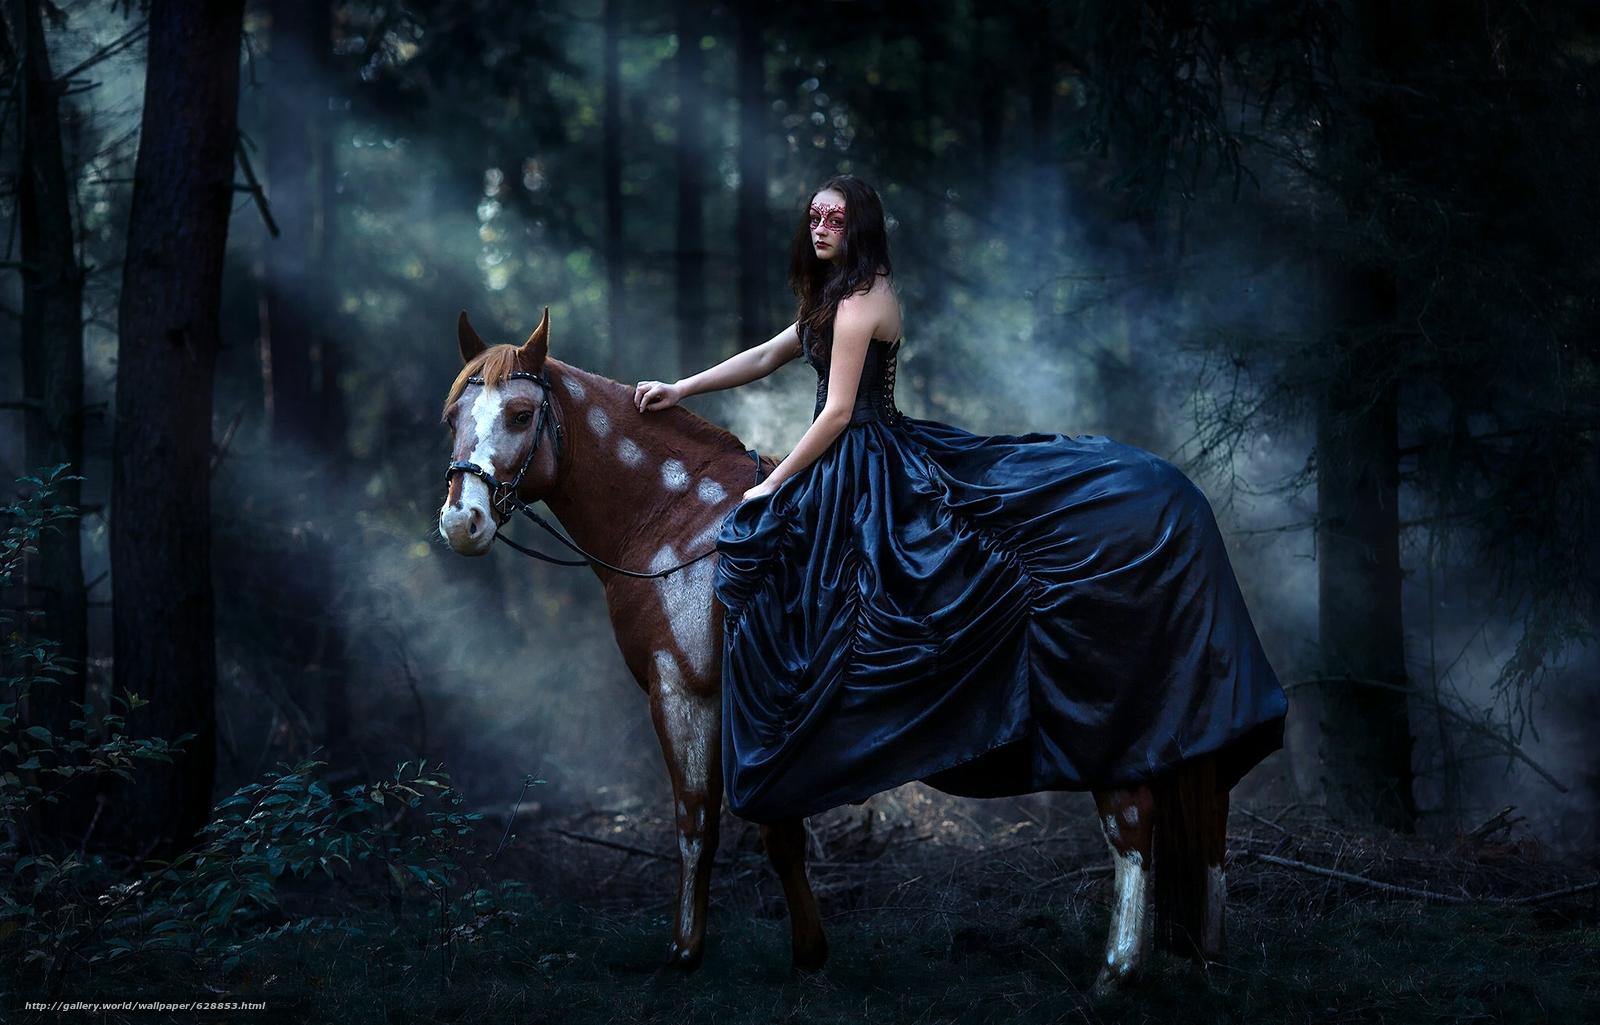 Обои девушка, платье, маска, конь, лошадь, лес